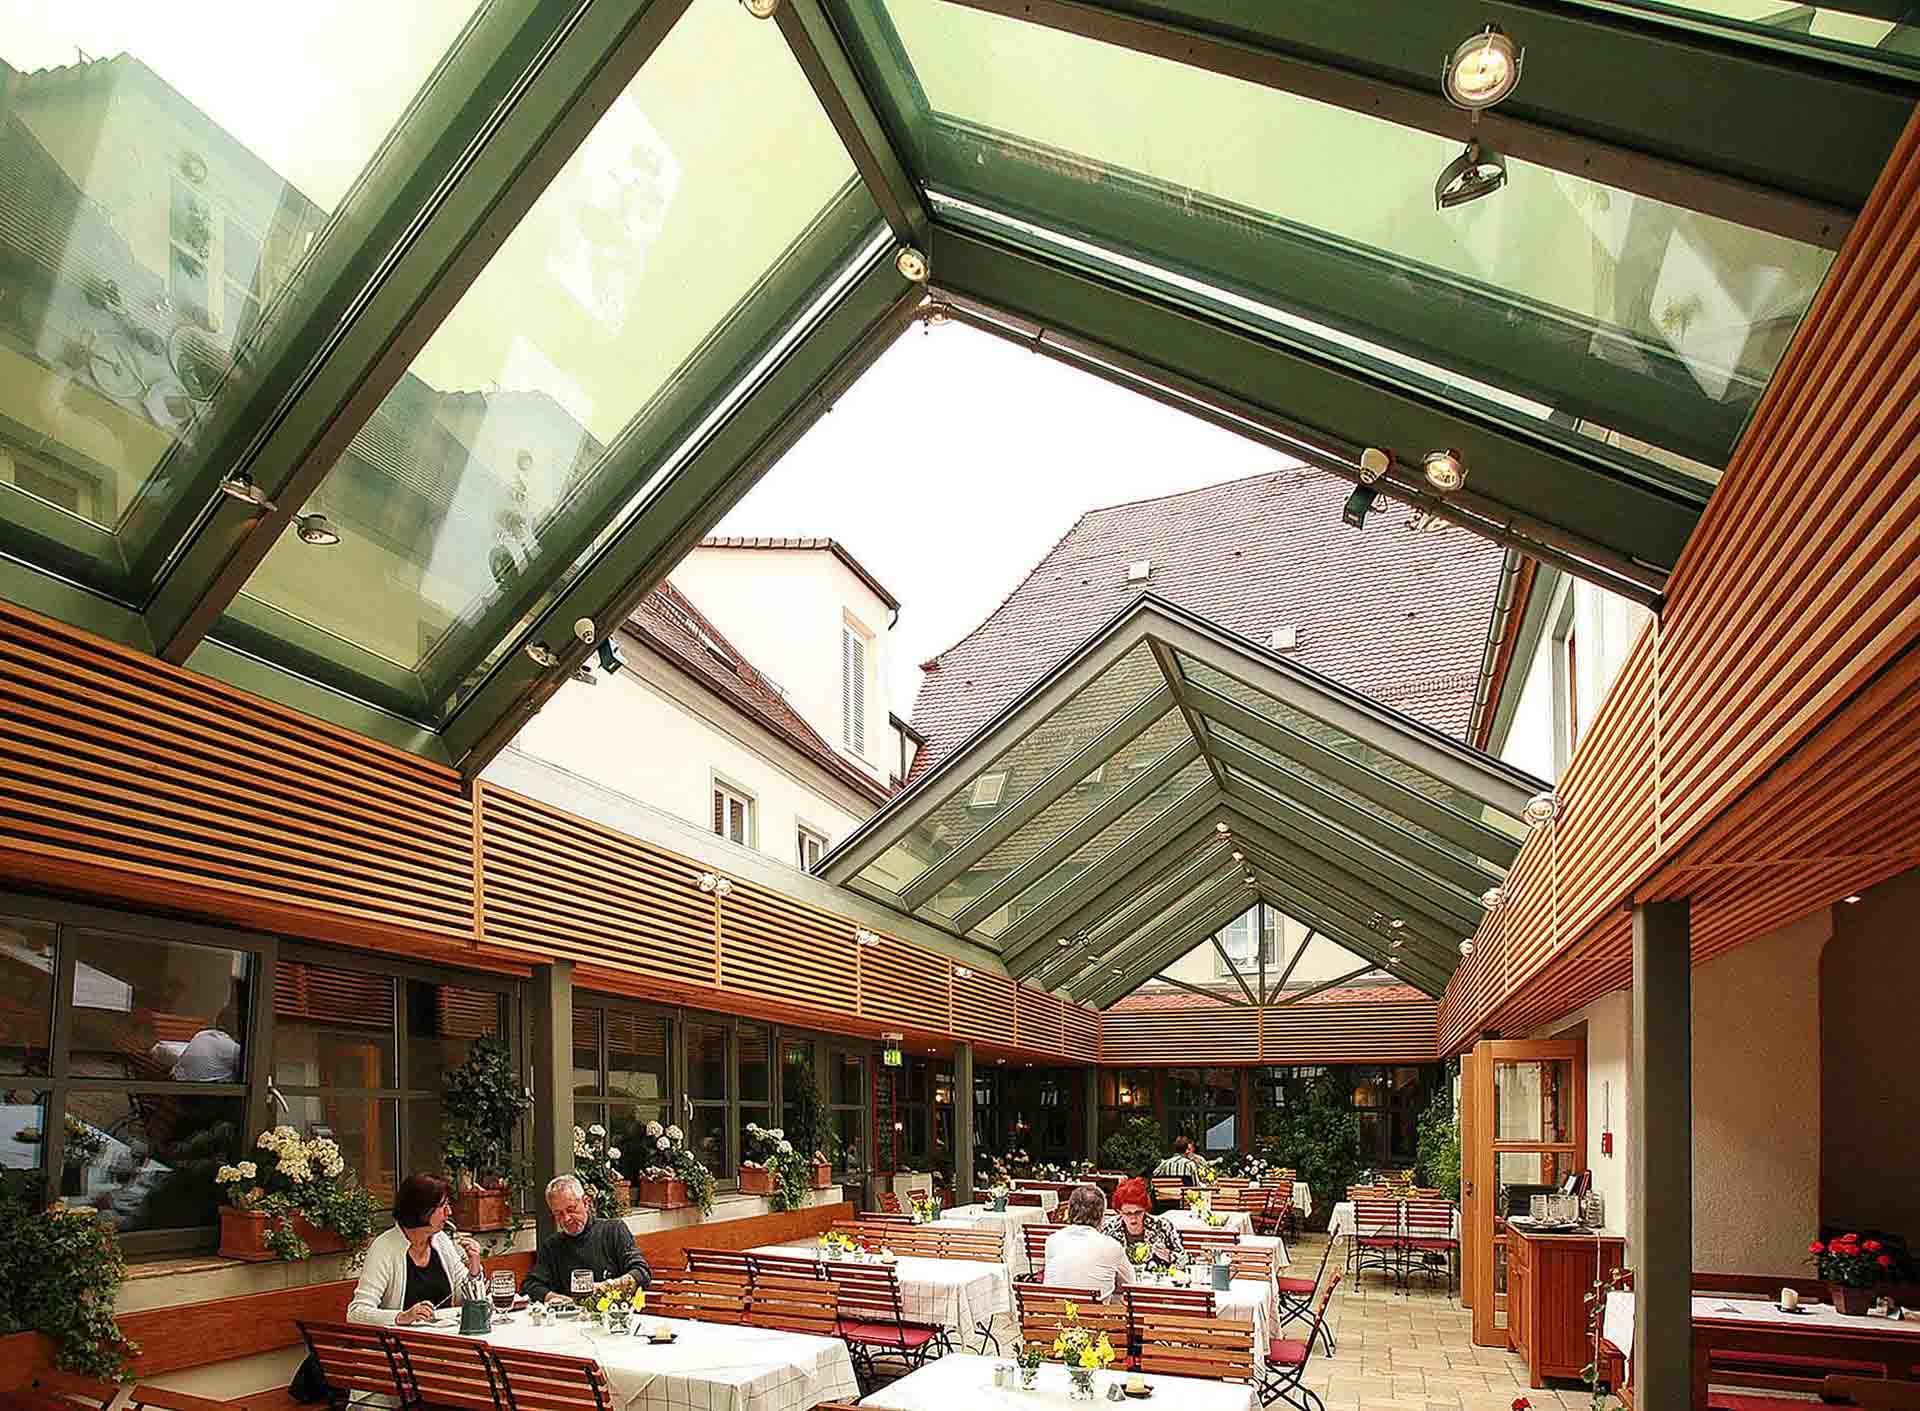 """Cabrio-Schiebedach für Gastraum in Lengenfeld (Objekt 992). Bei schönem Wetter schiebt der E-Antrieb das Cabrio-Glasdach einfach zur Seite und die Gäste sitzen im """"Freien"""" - Schiebedach geöffnet"""